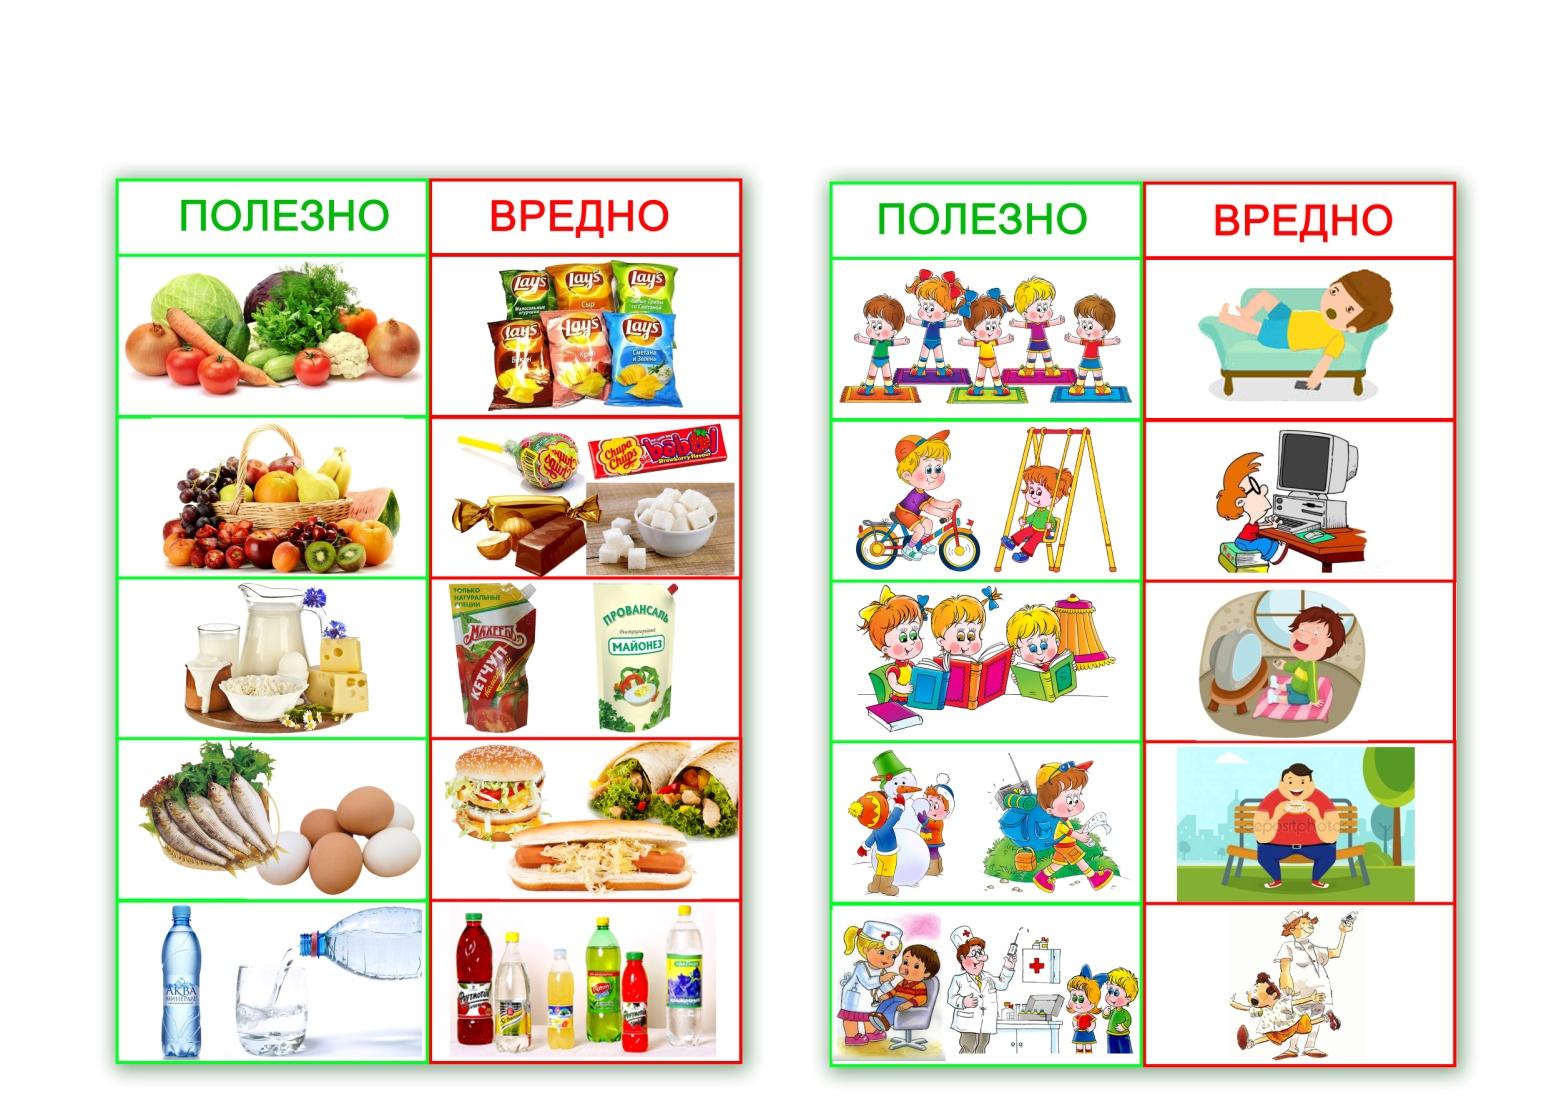 Вредное и полезное в картинках для детей